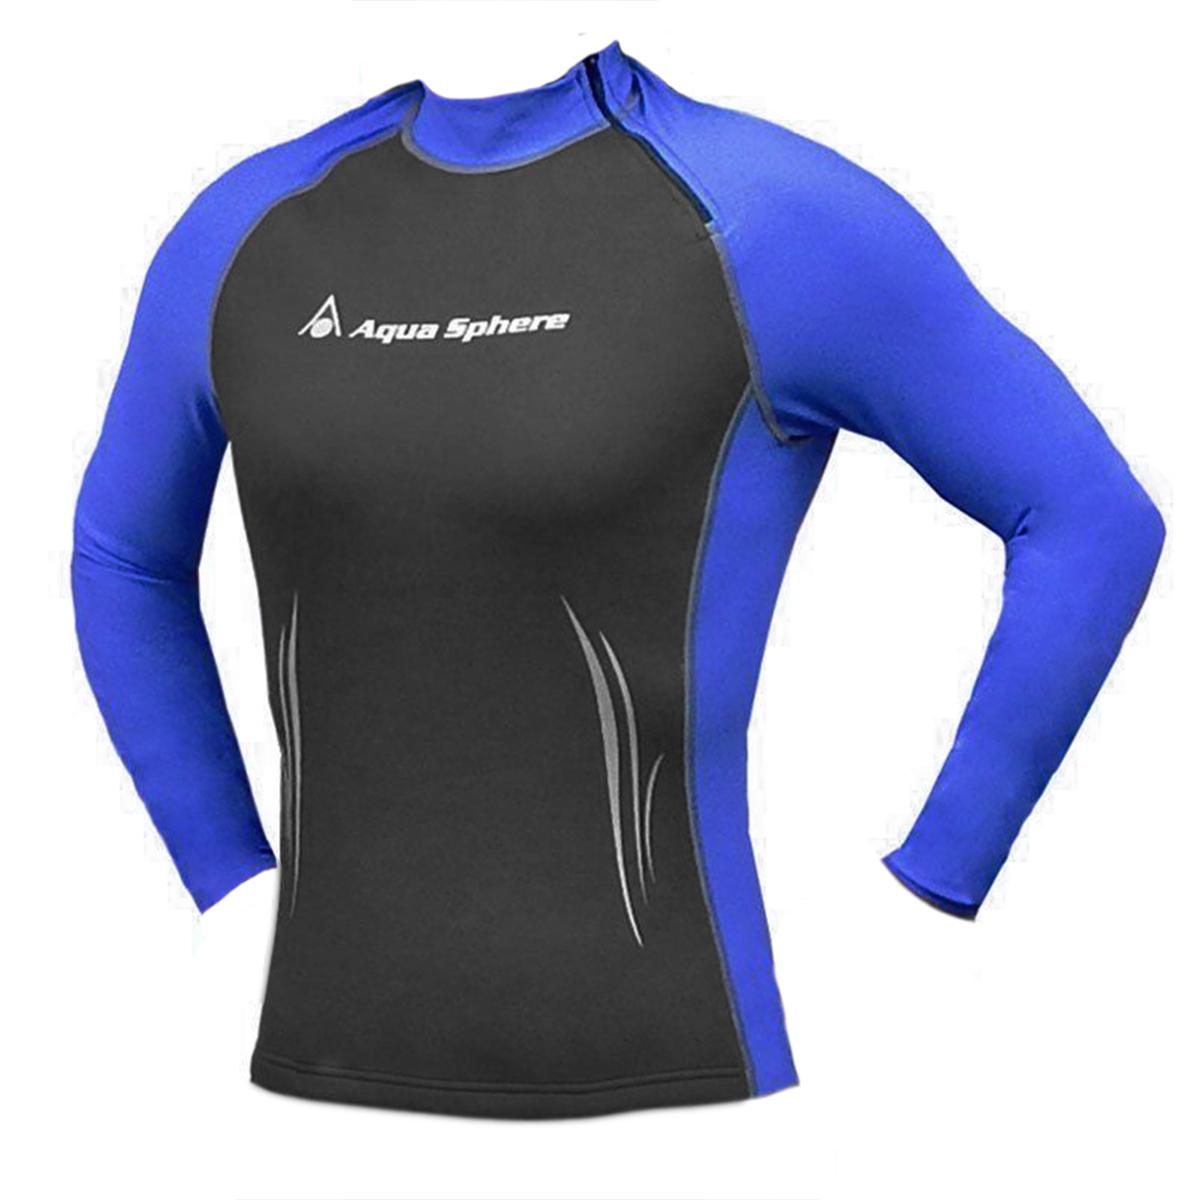 Aqua sphere women s swim skin wetsuit top long sleeve high for Womens rash guard shirts